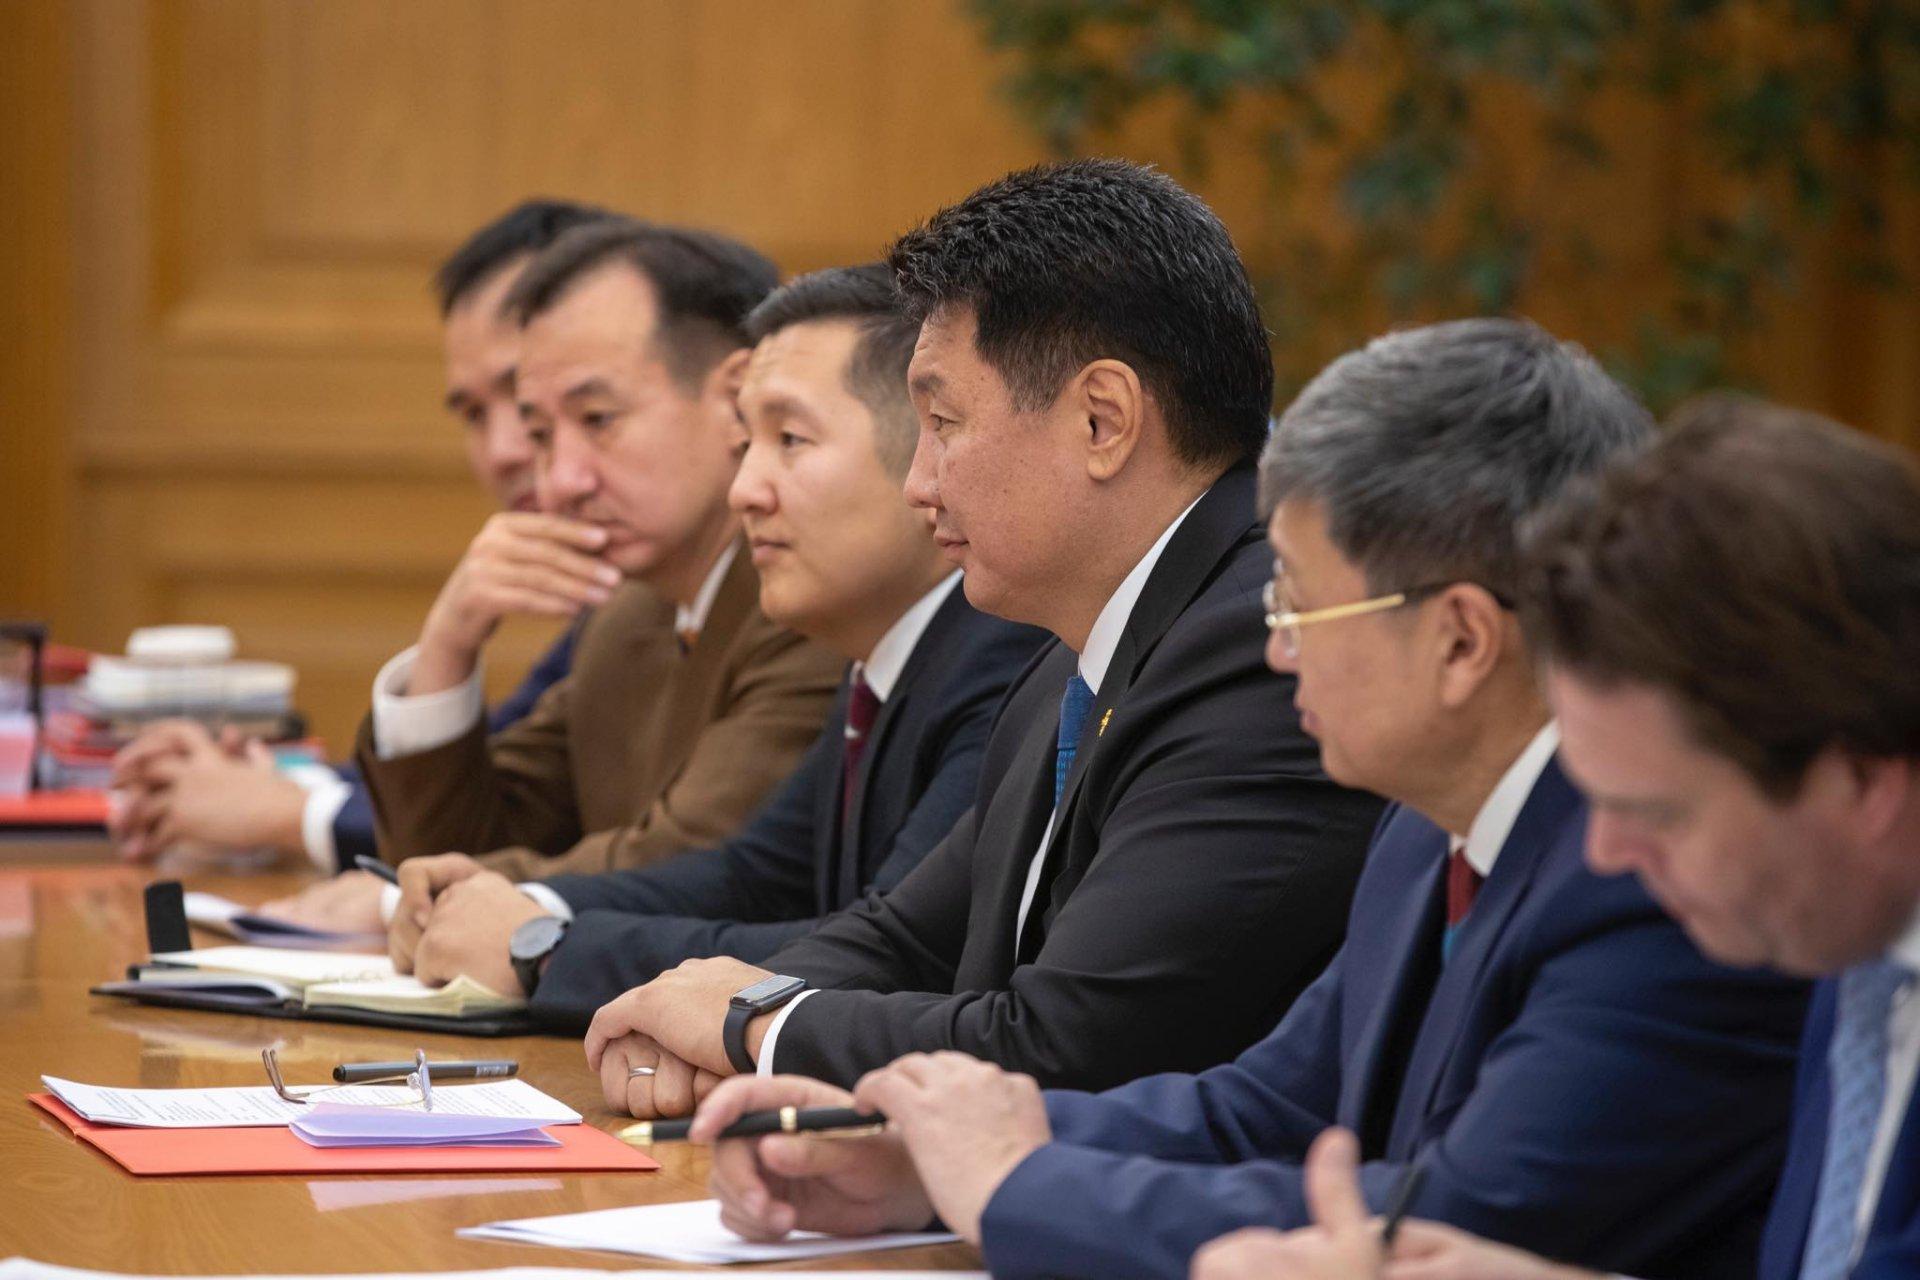 ЕСБХБ: Монгол Улсад оруулах хөрөнгө оруулалтаа хэвээр үргэлжлүүлнэ